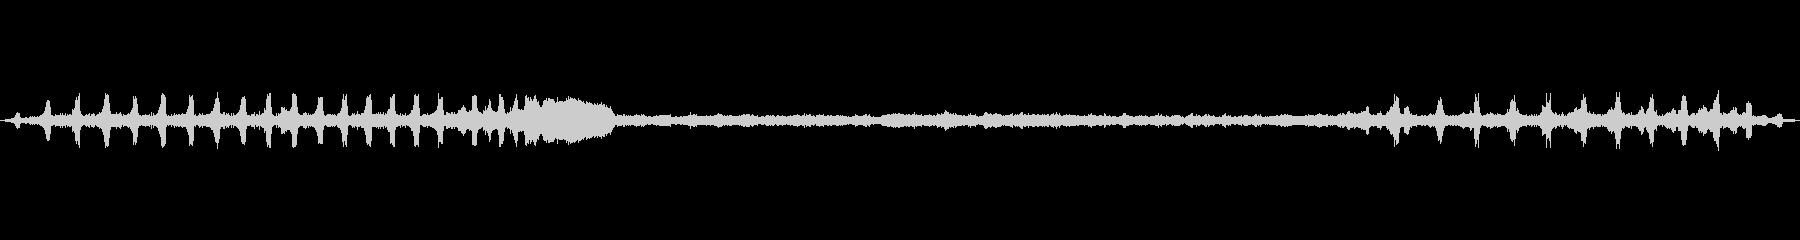 環境音-夏-蝉(バイノーラル録音)の未再生の波形